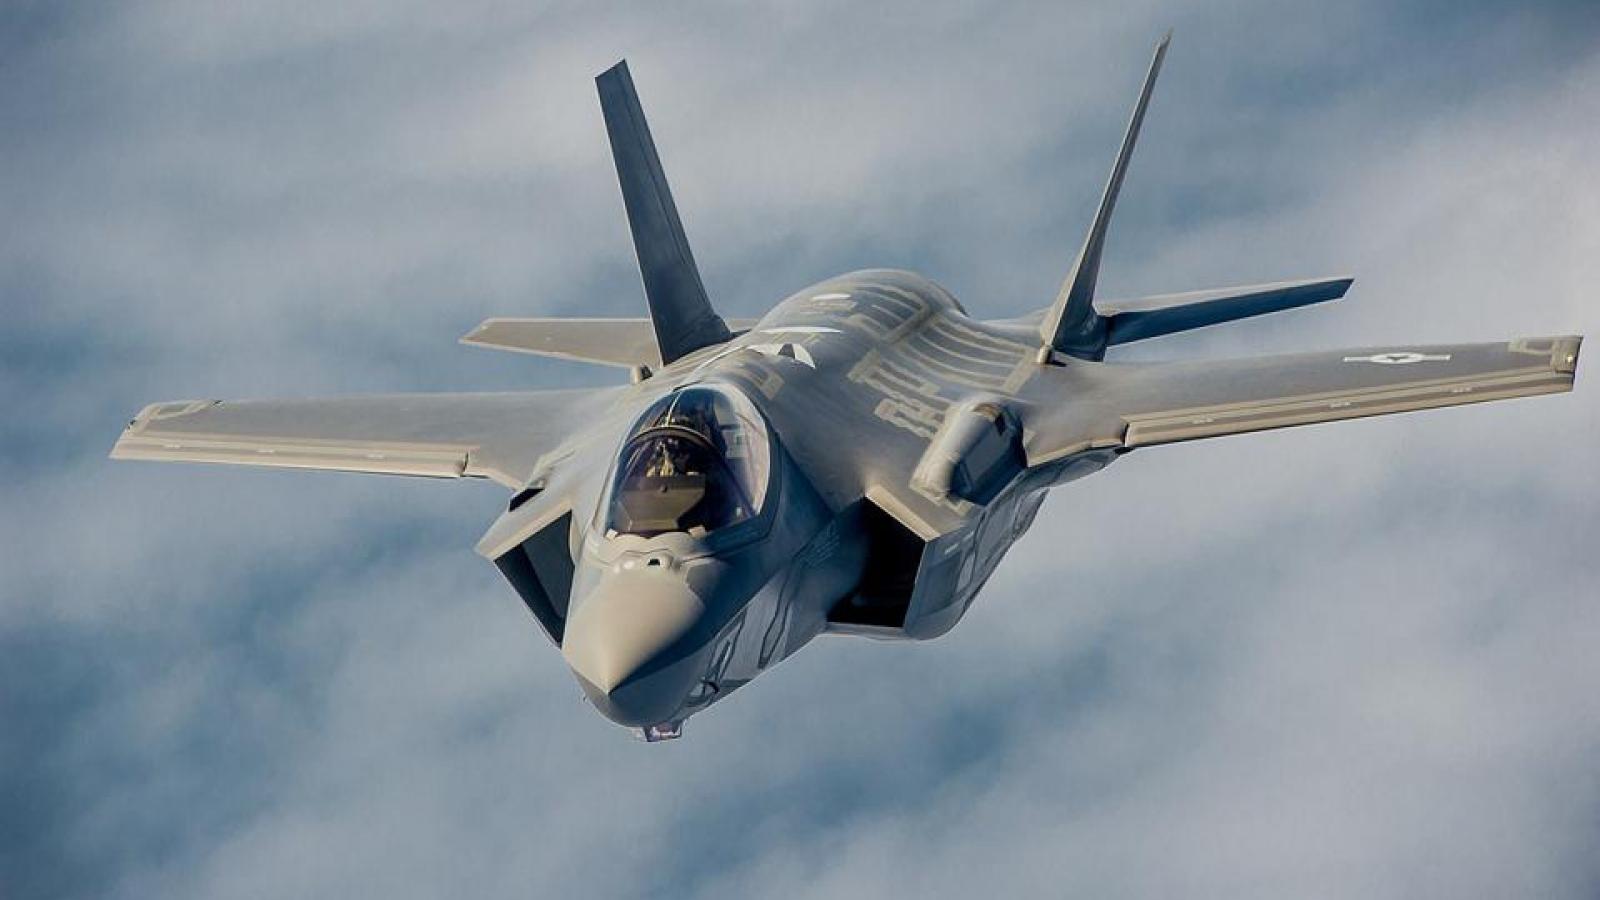 Vì sao tiêm kích tàng hình F-35 của Mỹ cần được trang bị hệ thống pháo nòng xoay GAU-22/A?